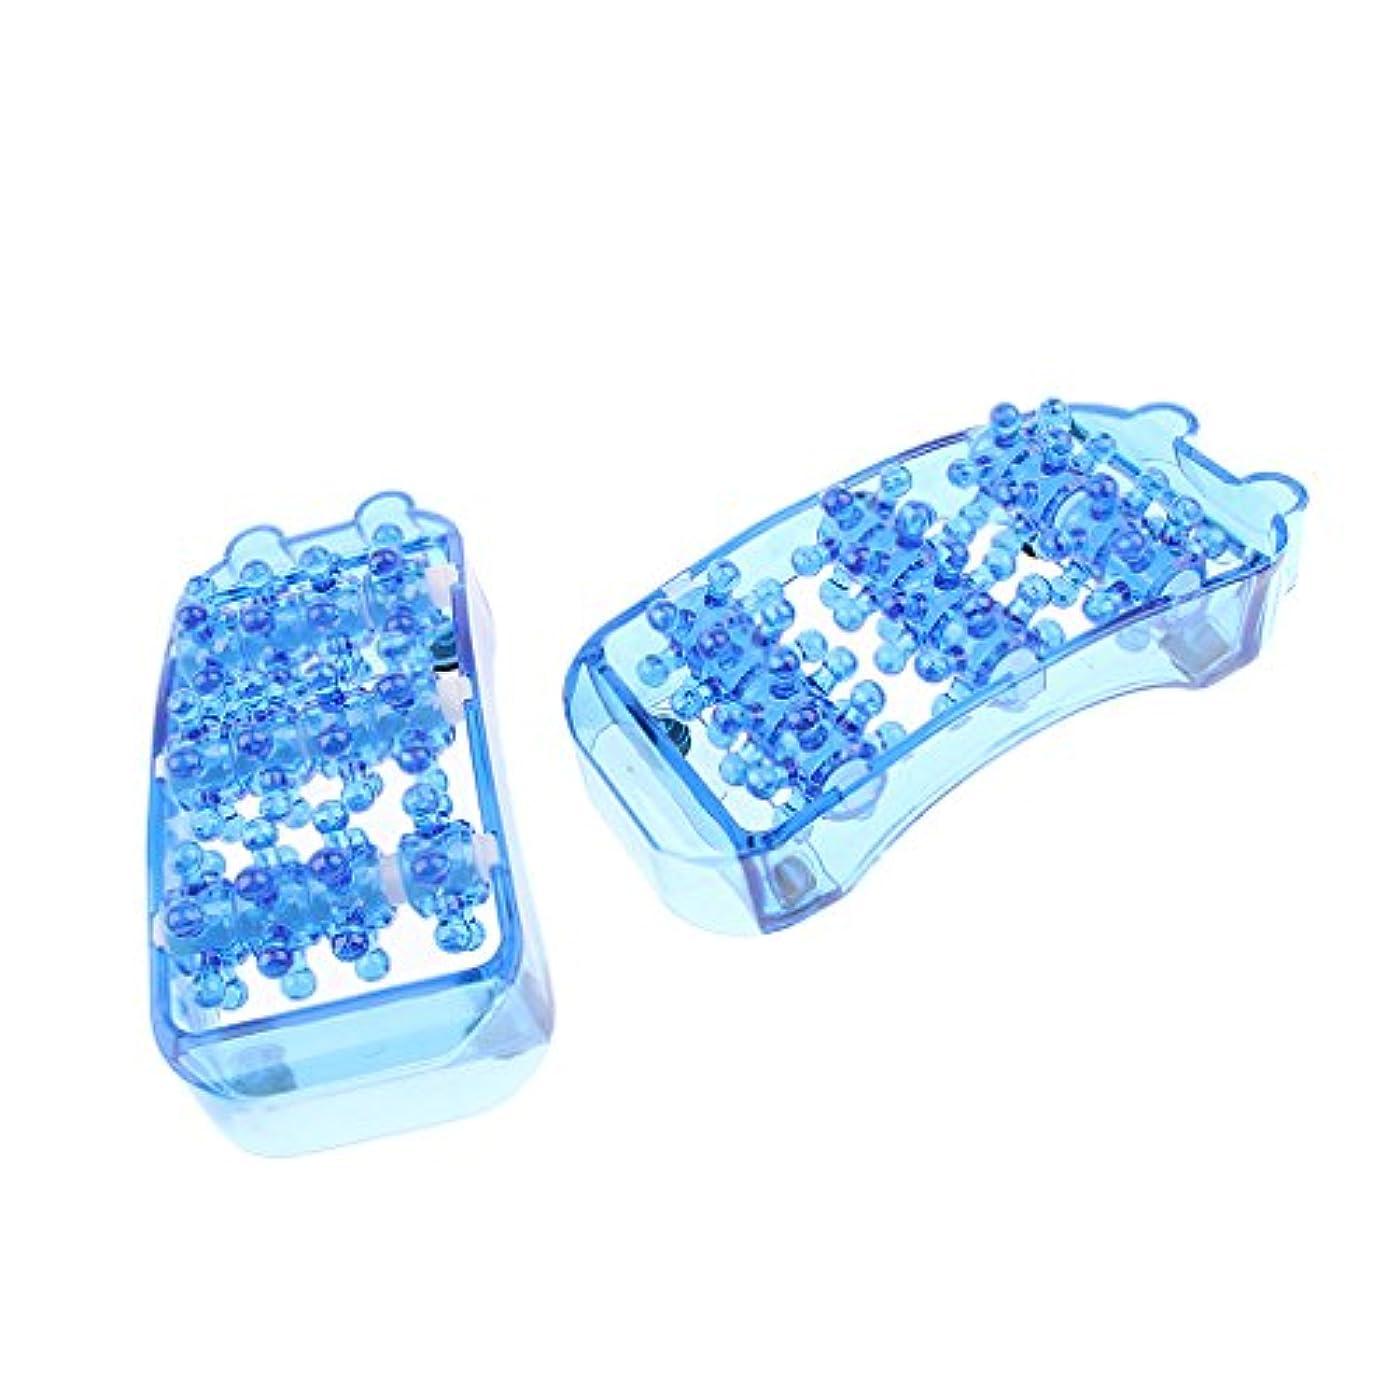 勧告ジョリー正当なマッサージローラー 足 マッサージャー トリガーポイント フットケア 健康器具 全3色 - 青